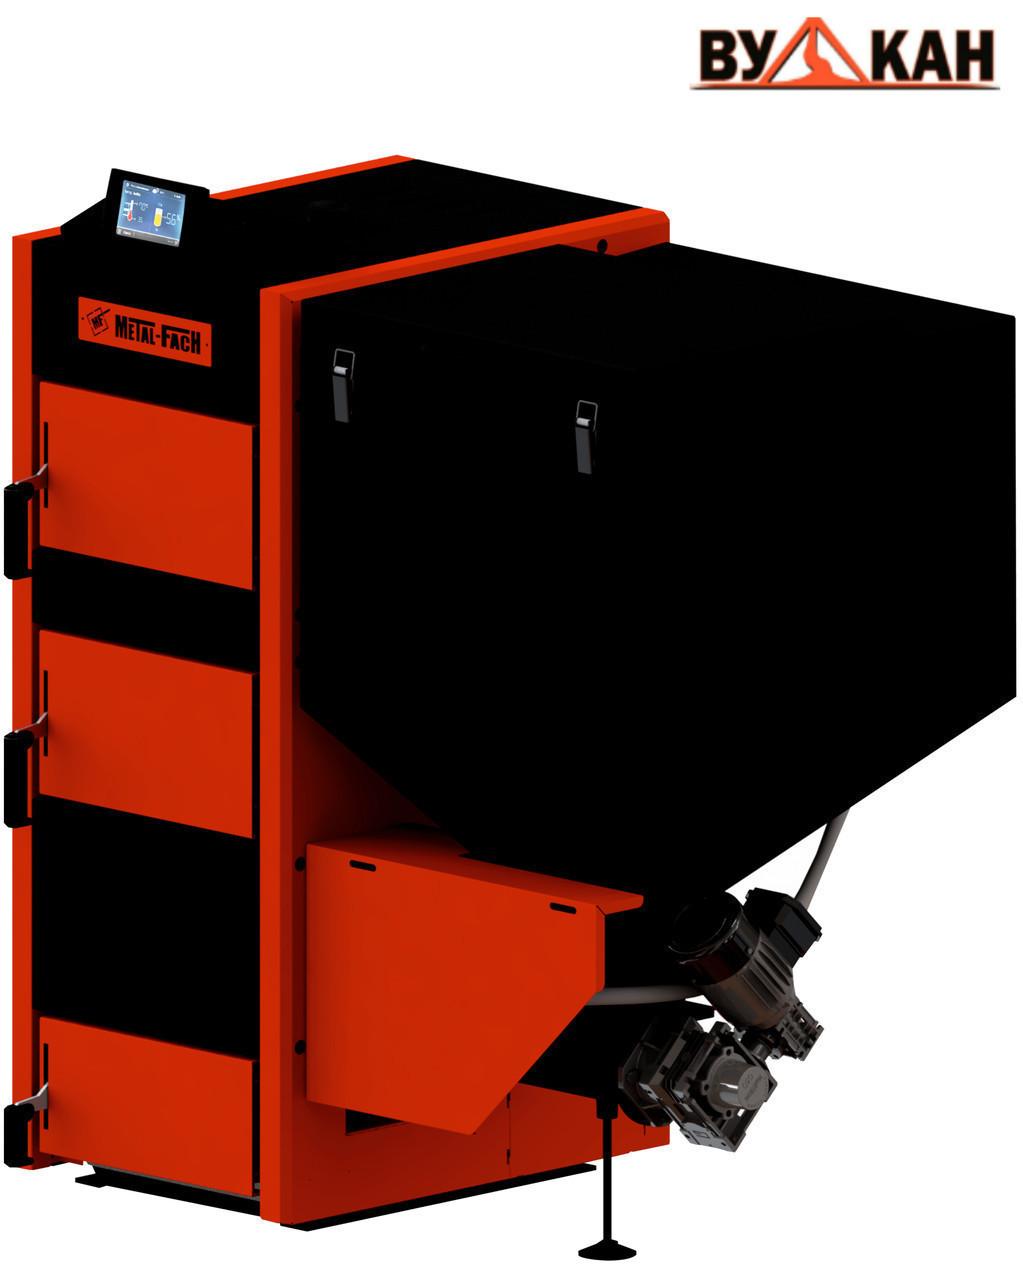 Автоматический котел Metal-Fach SEG 400 кВт с правой подачей